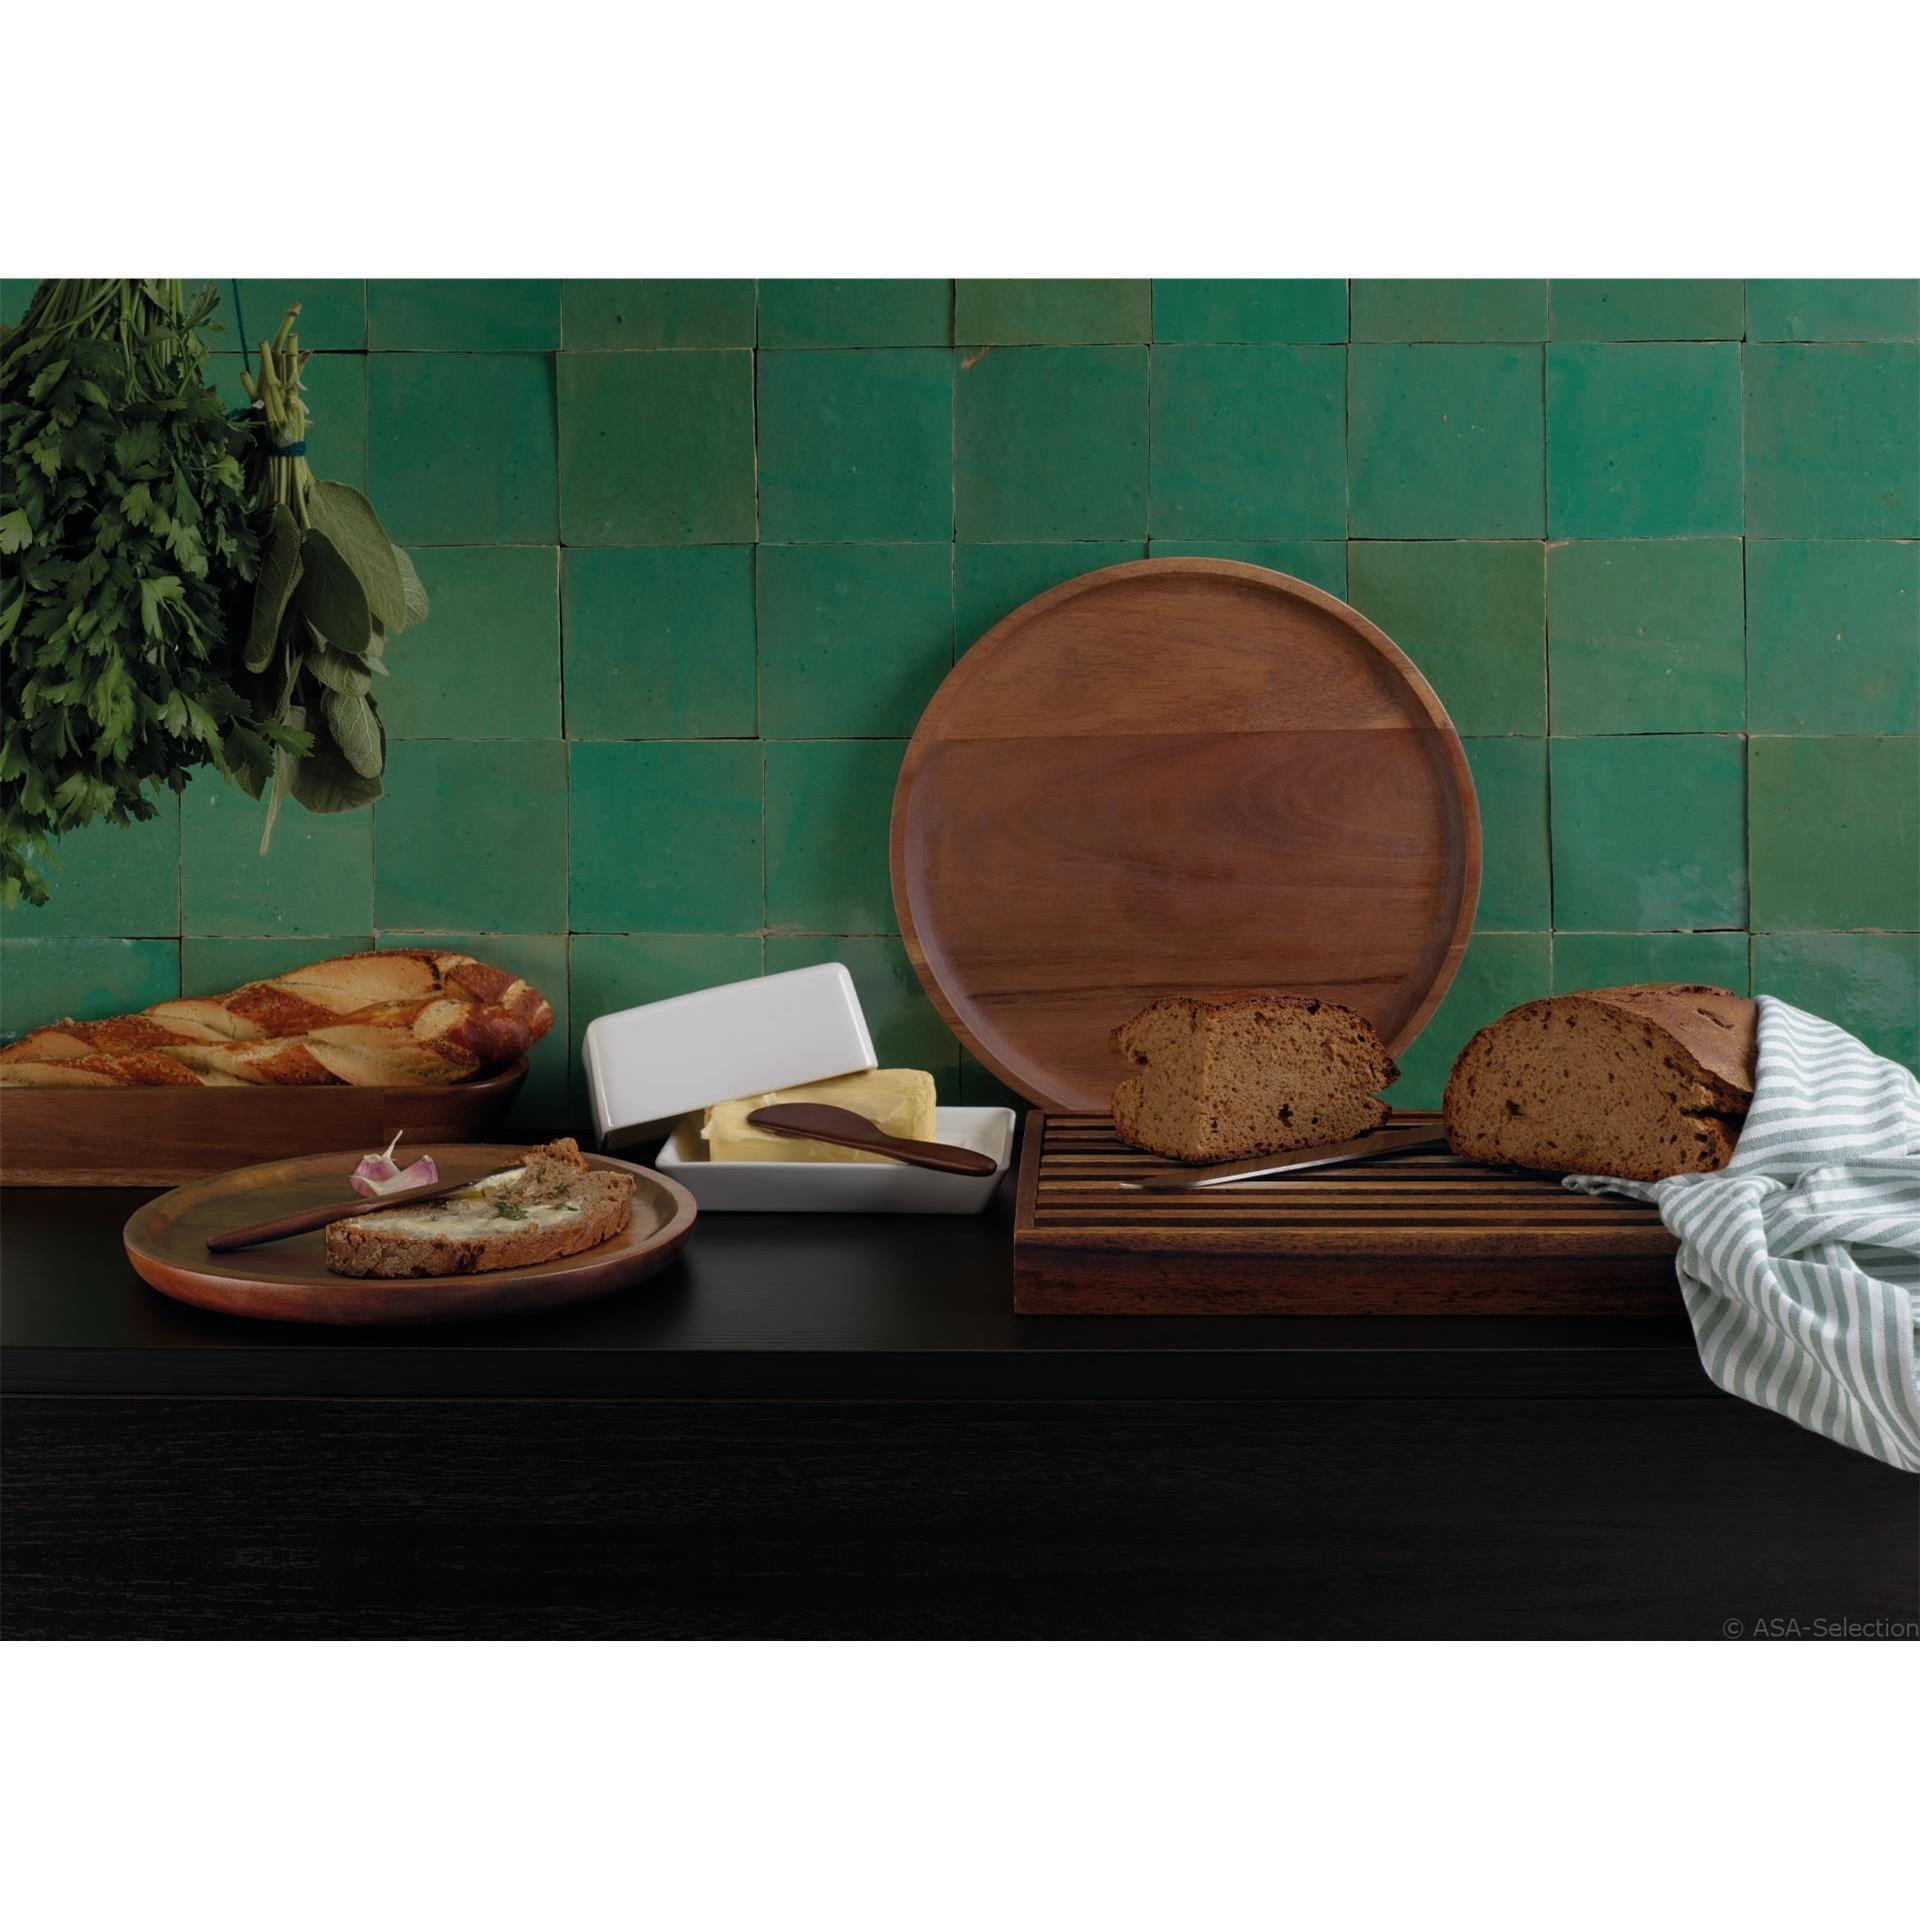 Prkénko na krájení chleba WOODLIGHT 43 x 23 cm_1